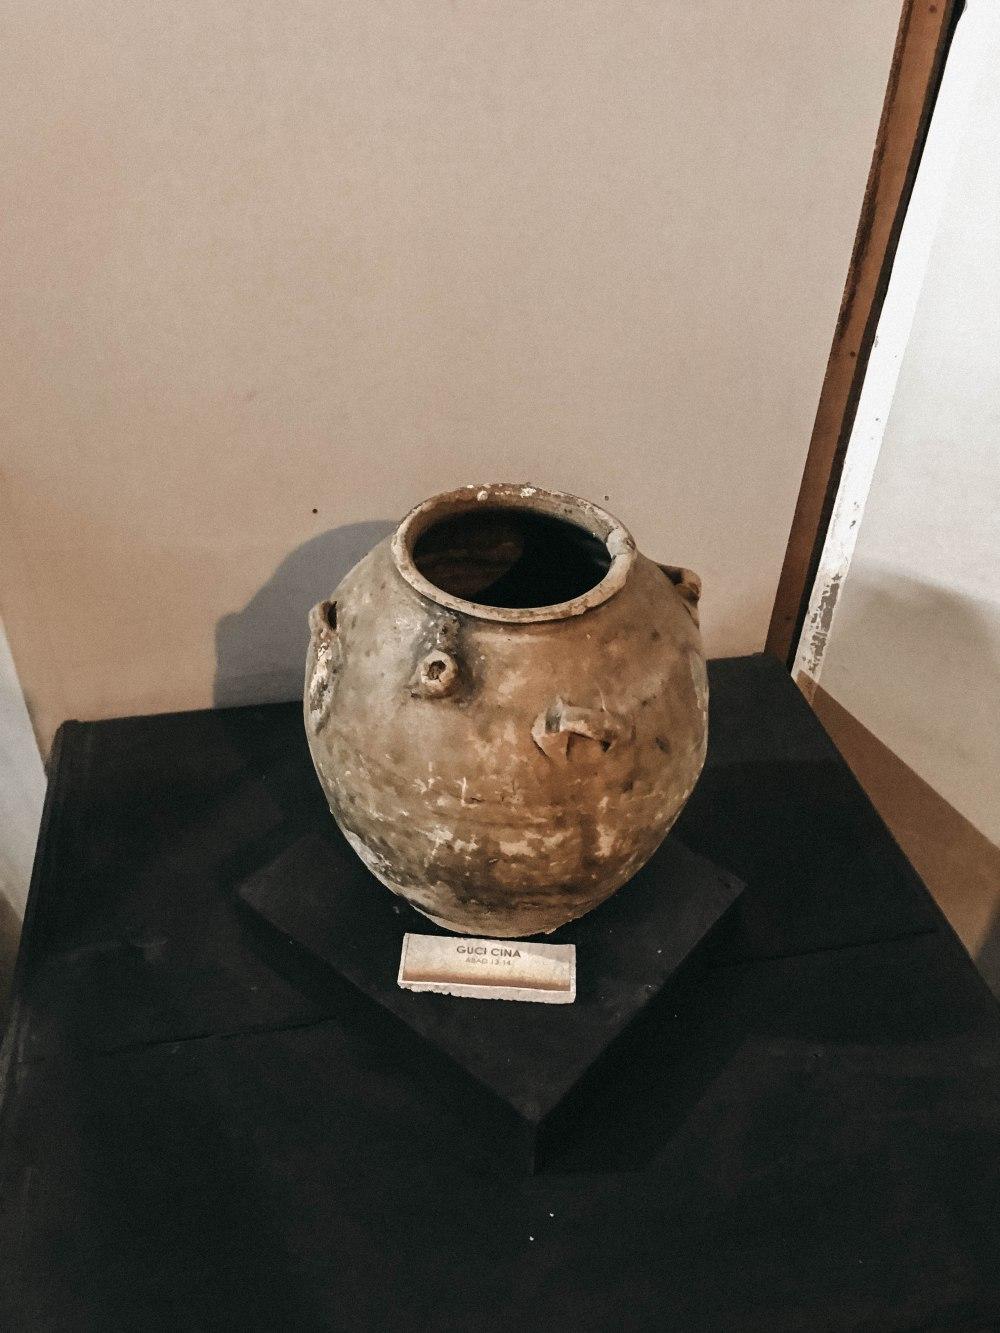 yosidi111 (49 of 70)